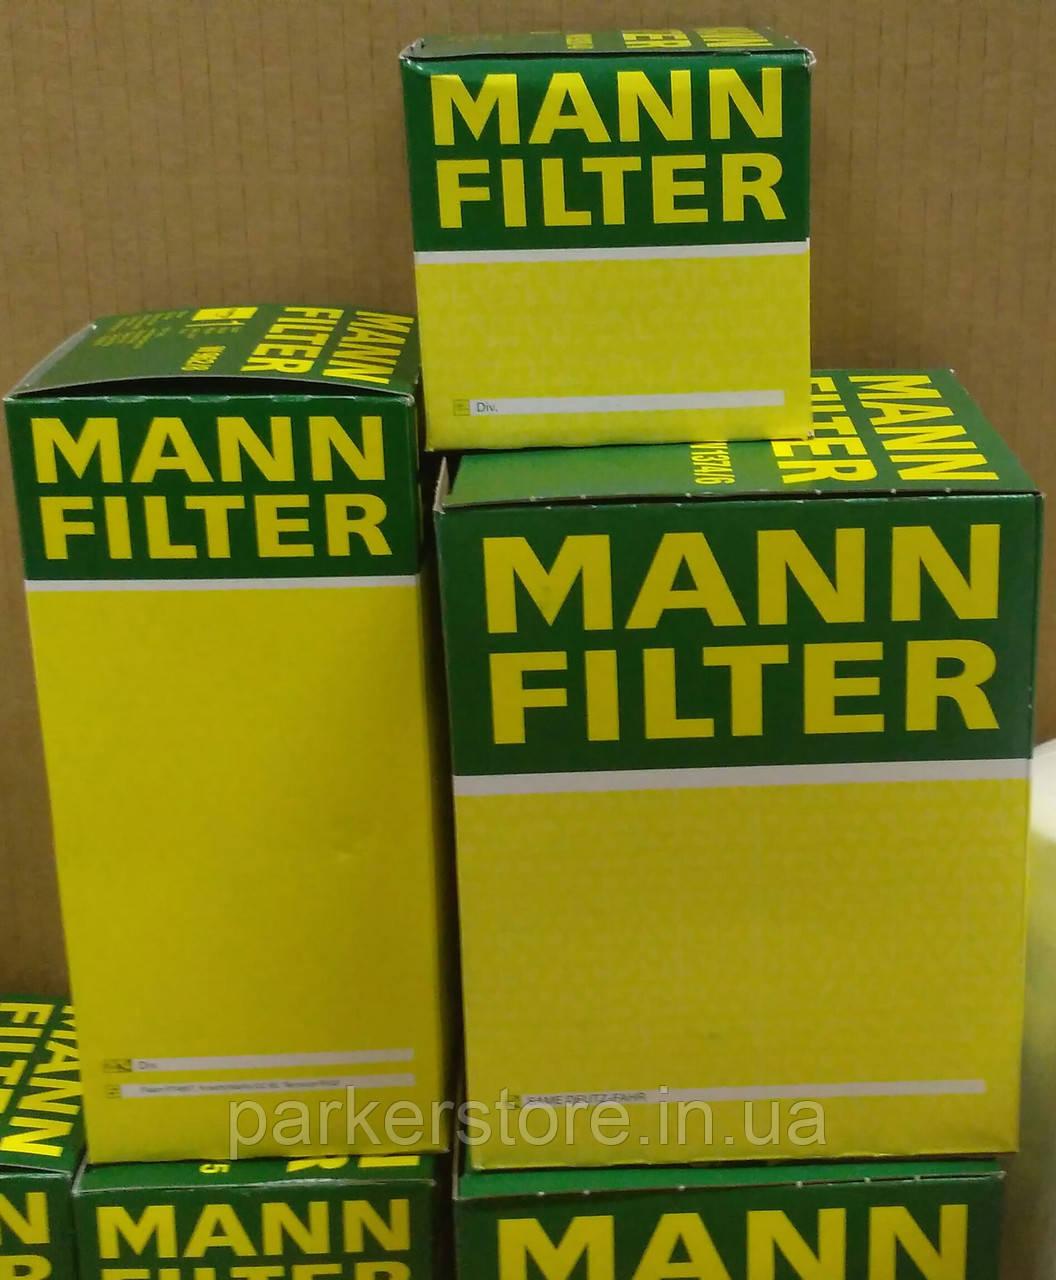 MANN FILTER / Воздушный фильтр / C 2683 / C2683